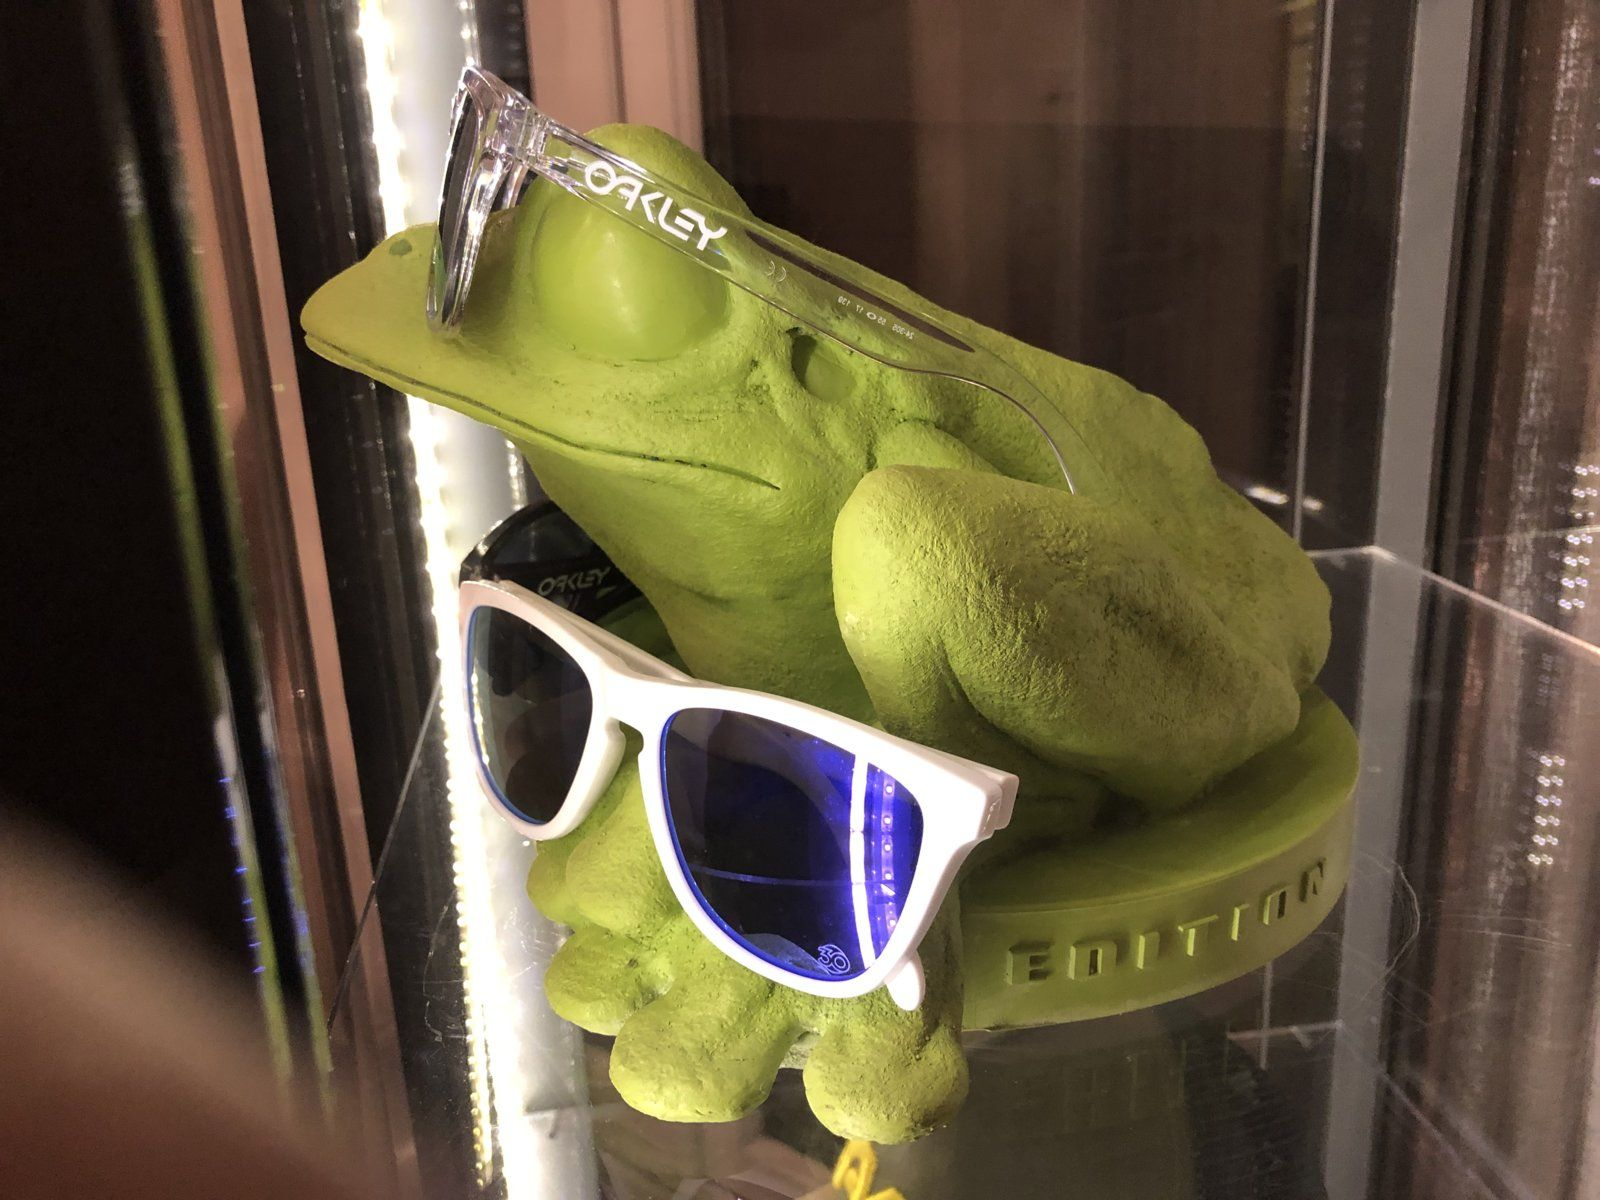 Custom frogskin display - 3FD9A258-C707-40FD-A5D1-D44A8FDBAE05.jpeg